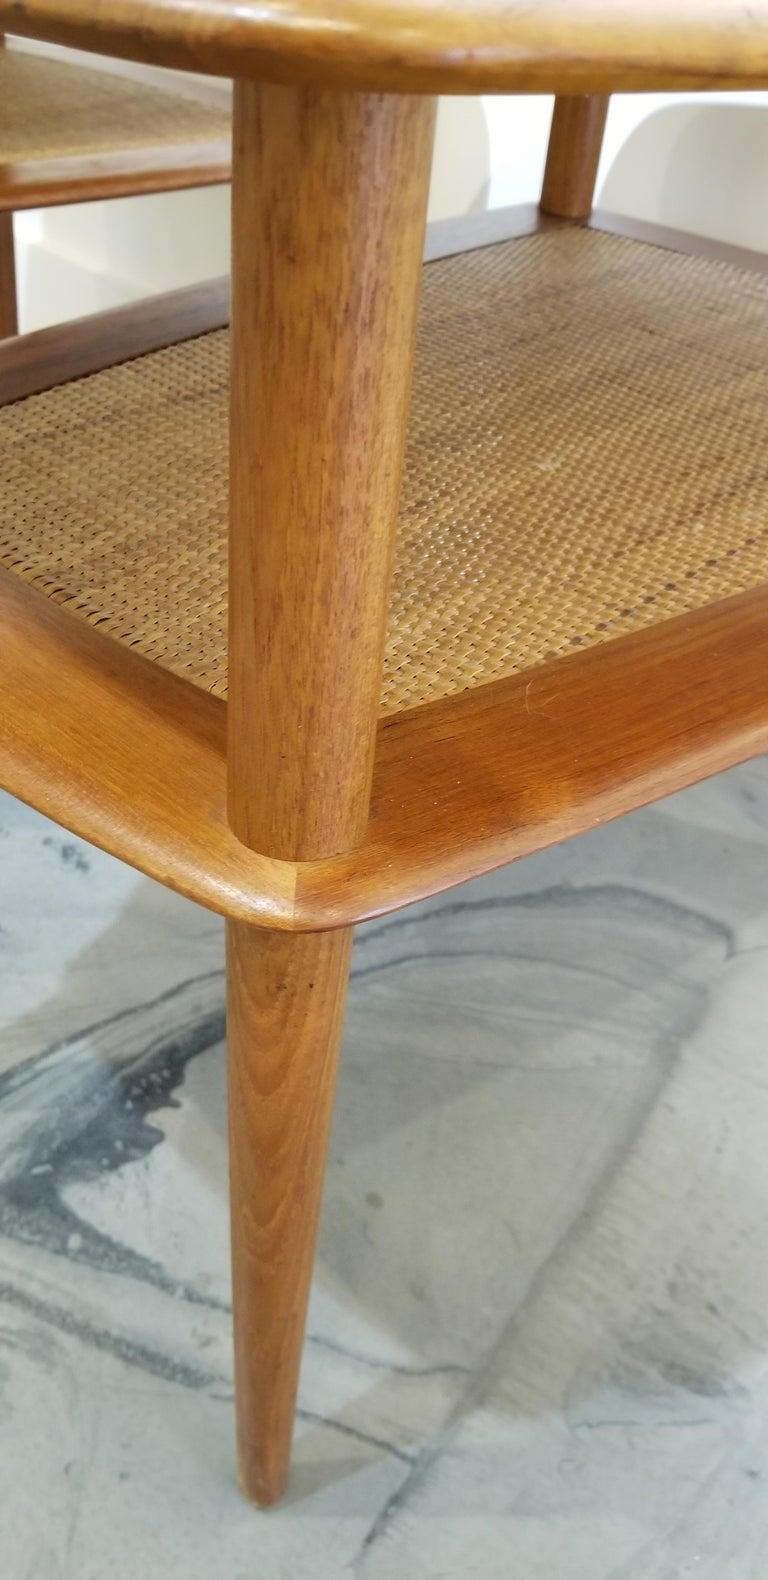 Peter Hvidt Teak Danish Modern End Tables, A Pair For Sale 2